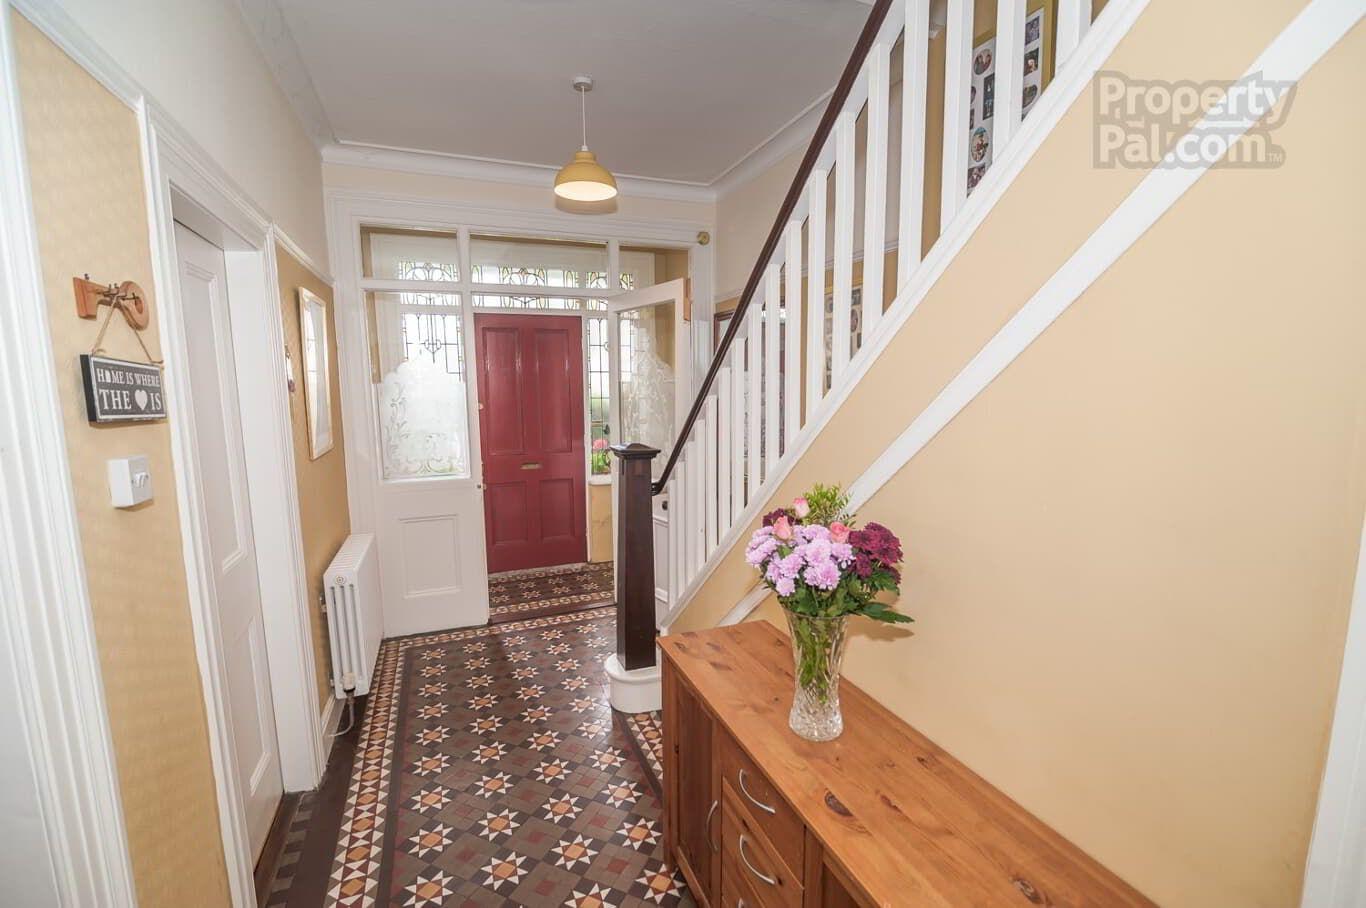 51 Belmont Church Road, Belfast #hallway | One bedroom ...